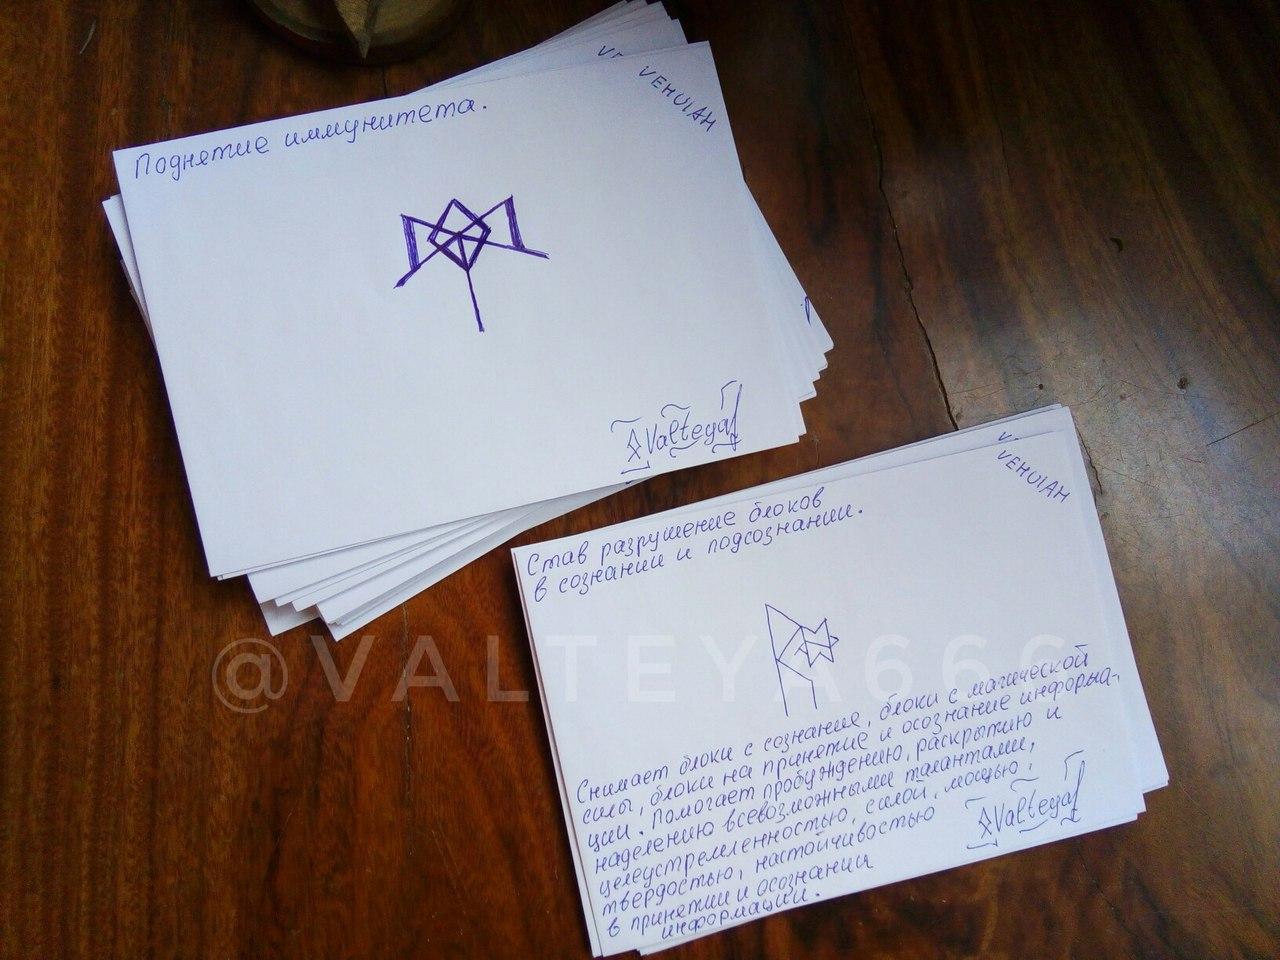 Рунограмма - Конверты с магическими программами от Елены Руденко. Ставы, символы, руническая магия.  - Страница 6 NJ4HBGKxpZc